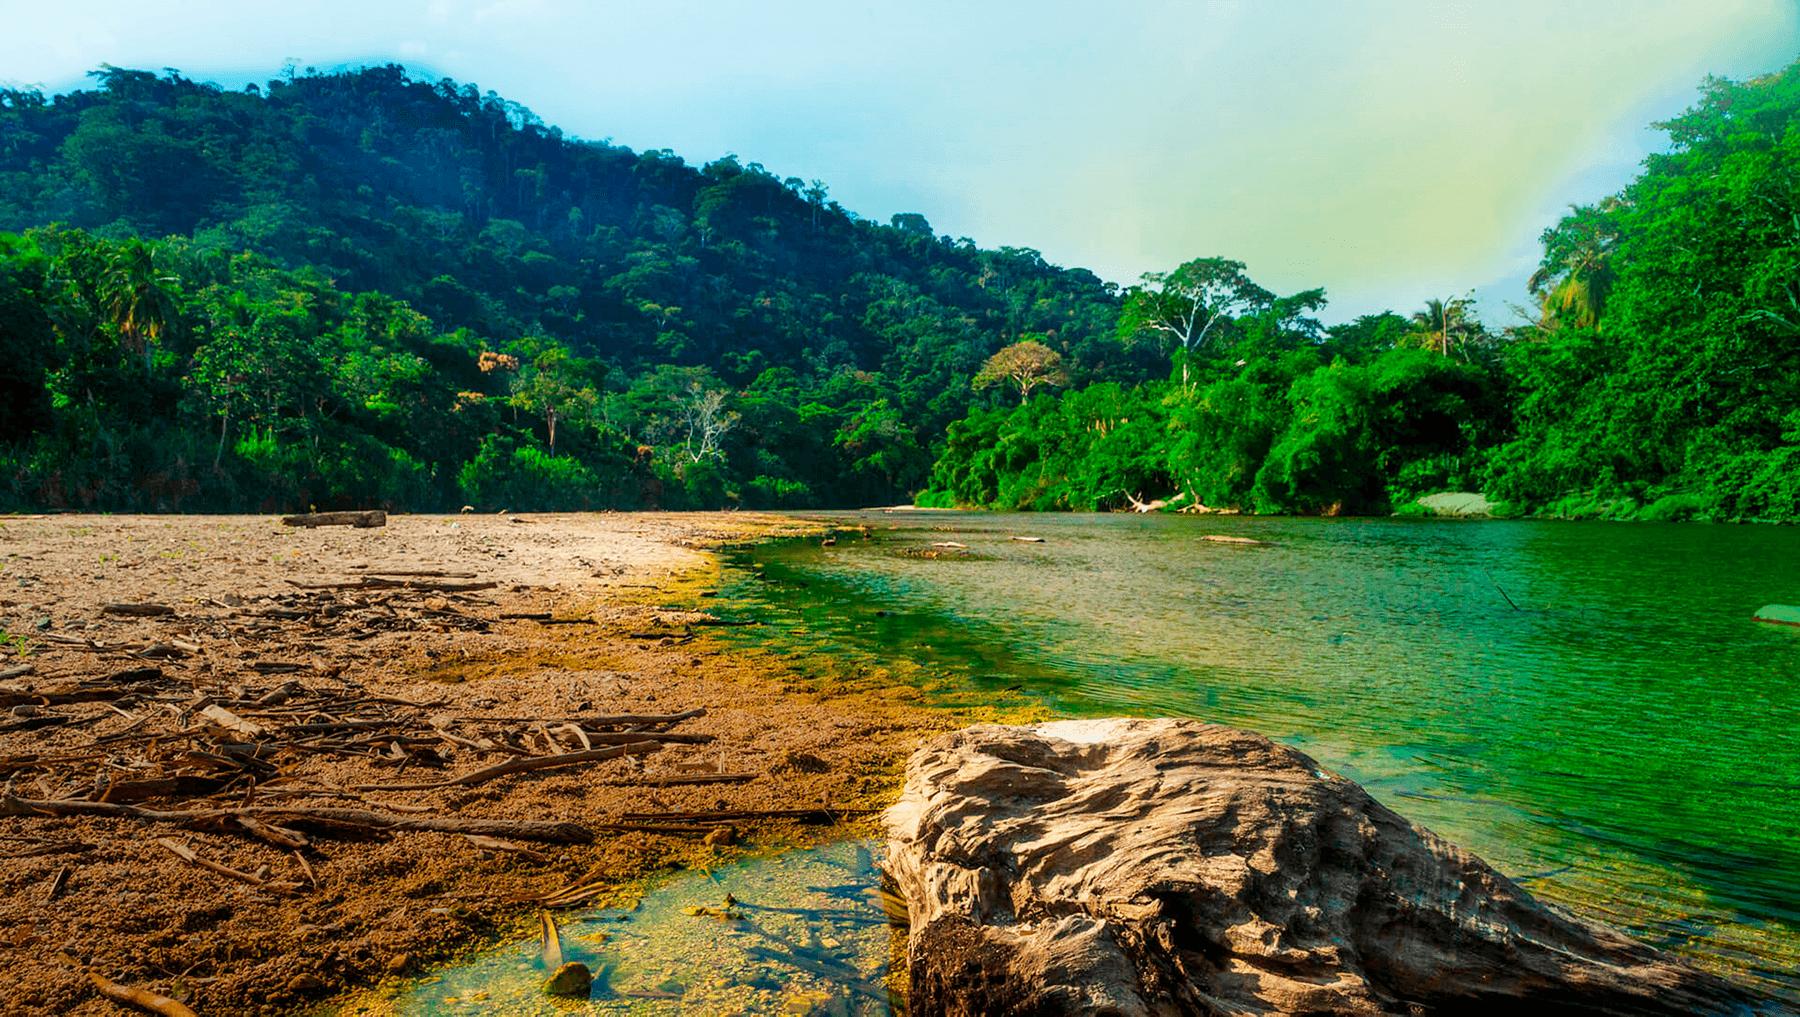 SierraCo | 9 Rivers